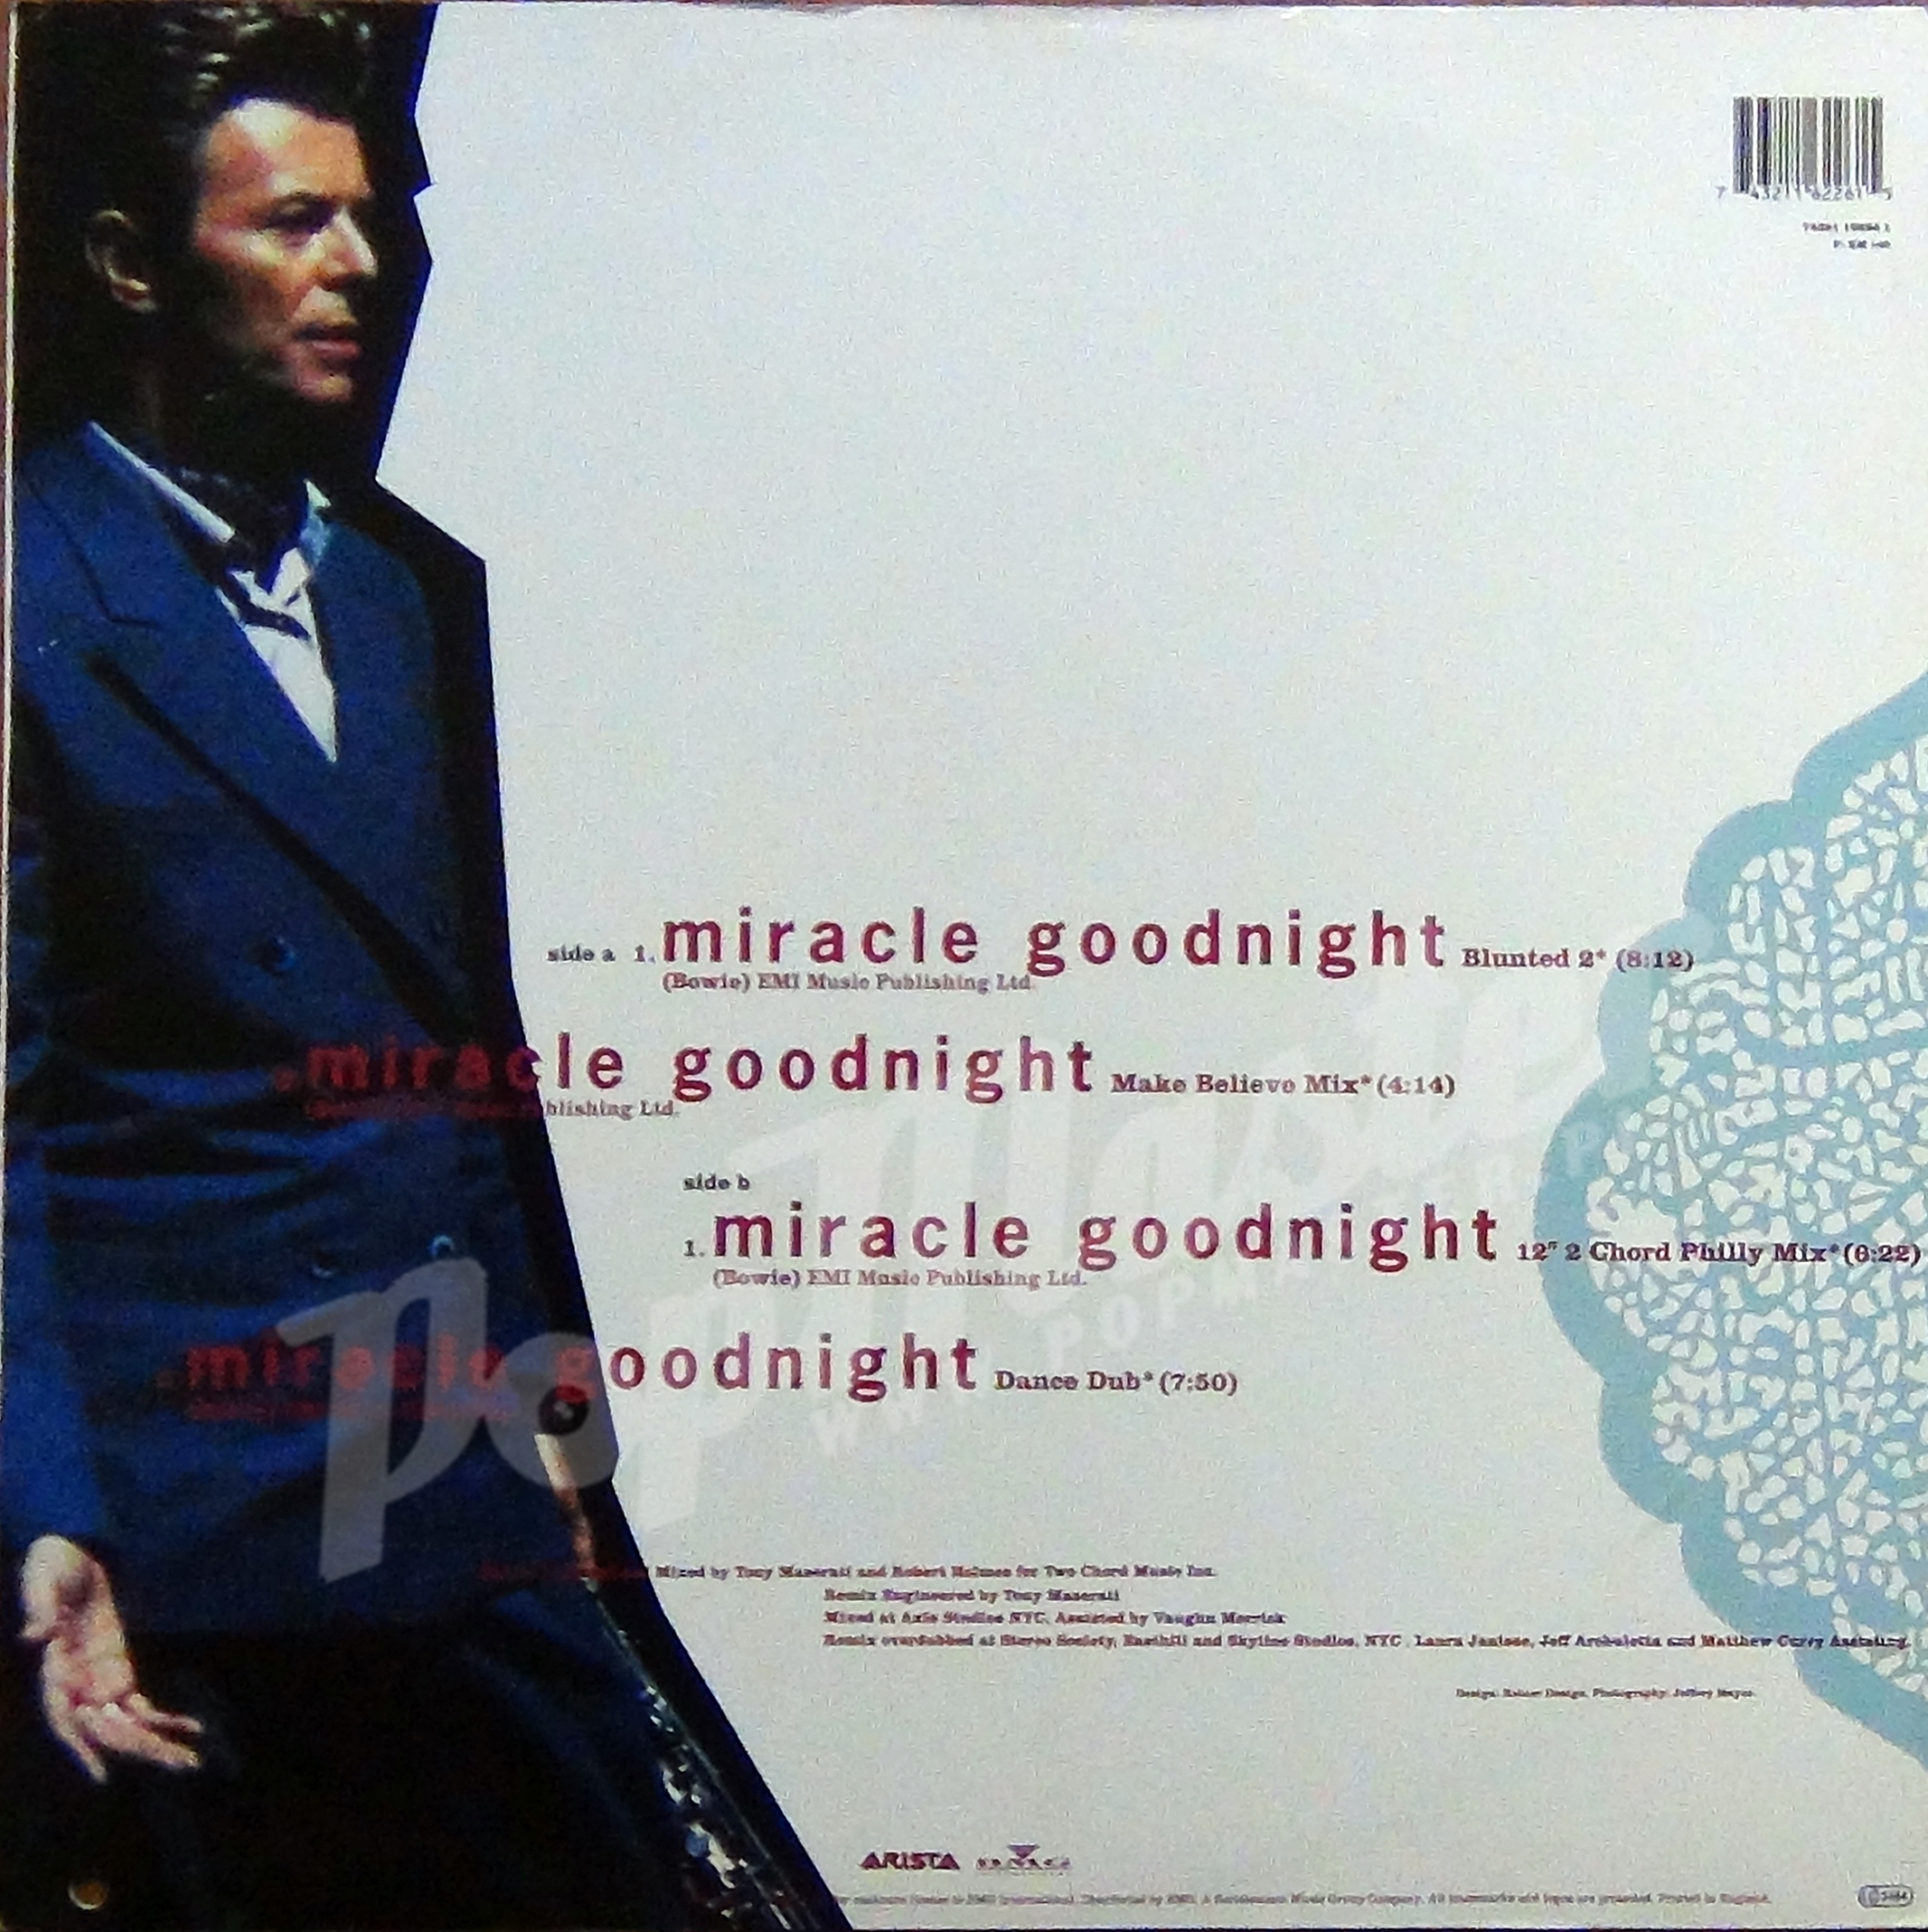 65. Miracle Goodnight.  Das gesamte Album war der frisch angetrauten Iman gewidmet. Diese Single, ein herrliches Gebräu aus